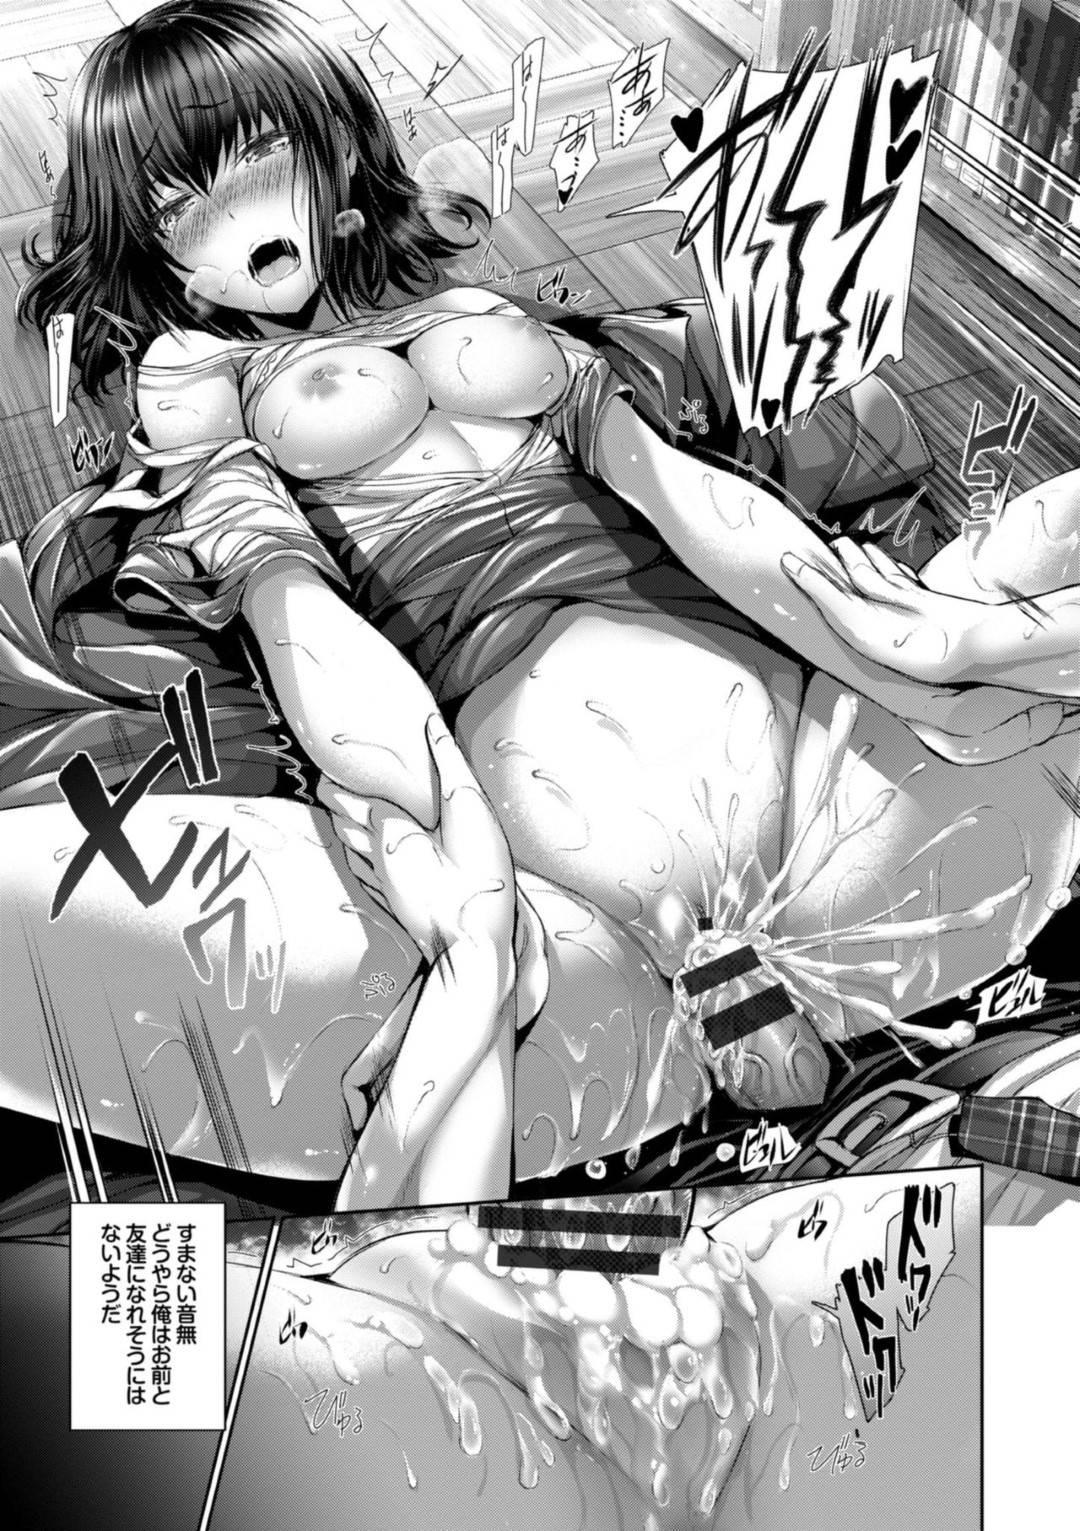 【エロ同人誌】図書室で寝ていた男子をフェラして襲うメガネっ娘真面目JK。口内射精ごっくんしてからエッチを誘いイチャラブ生ハメ中出し初セックスしてイキまくる【オリジナル】